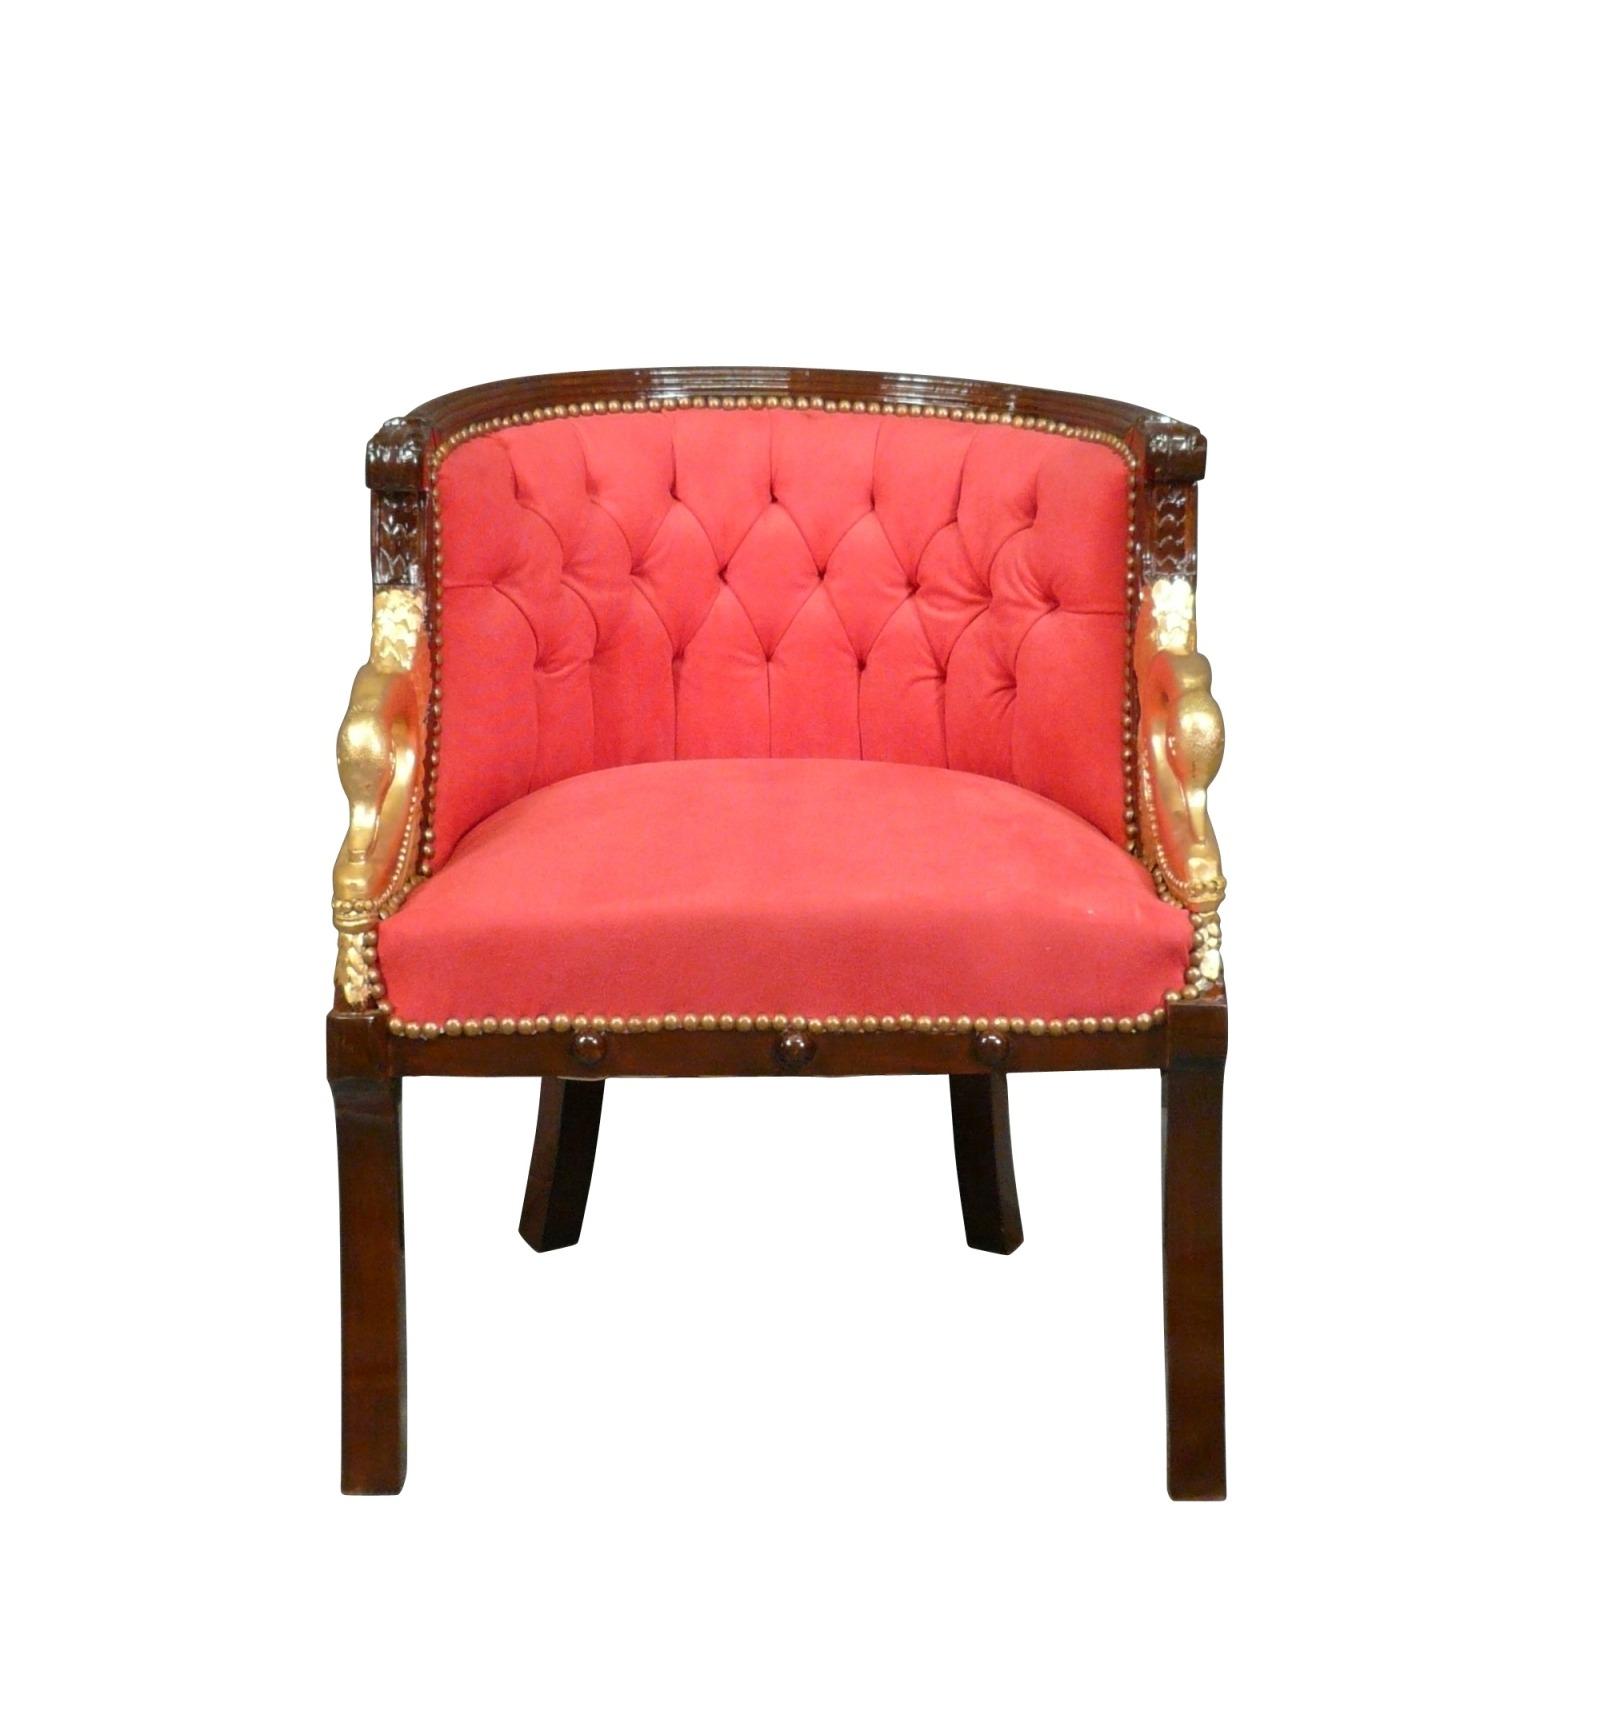 fauteuil napolon iii style empire en acajou - Fauteuil Napoleon 3